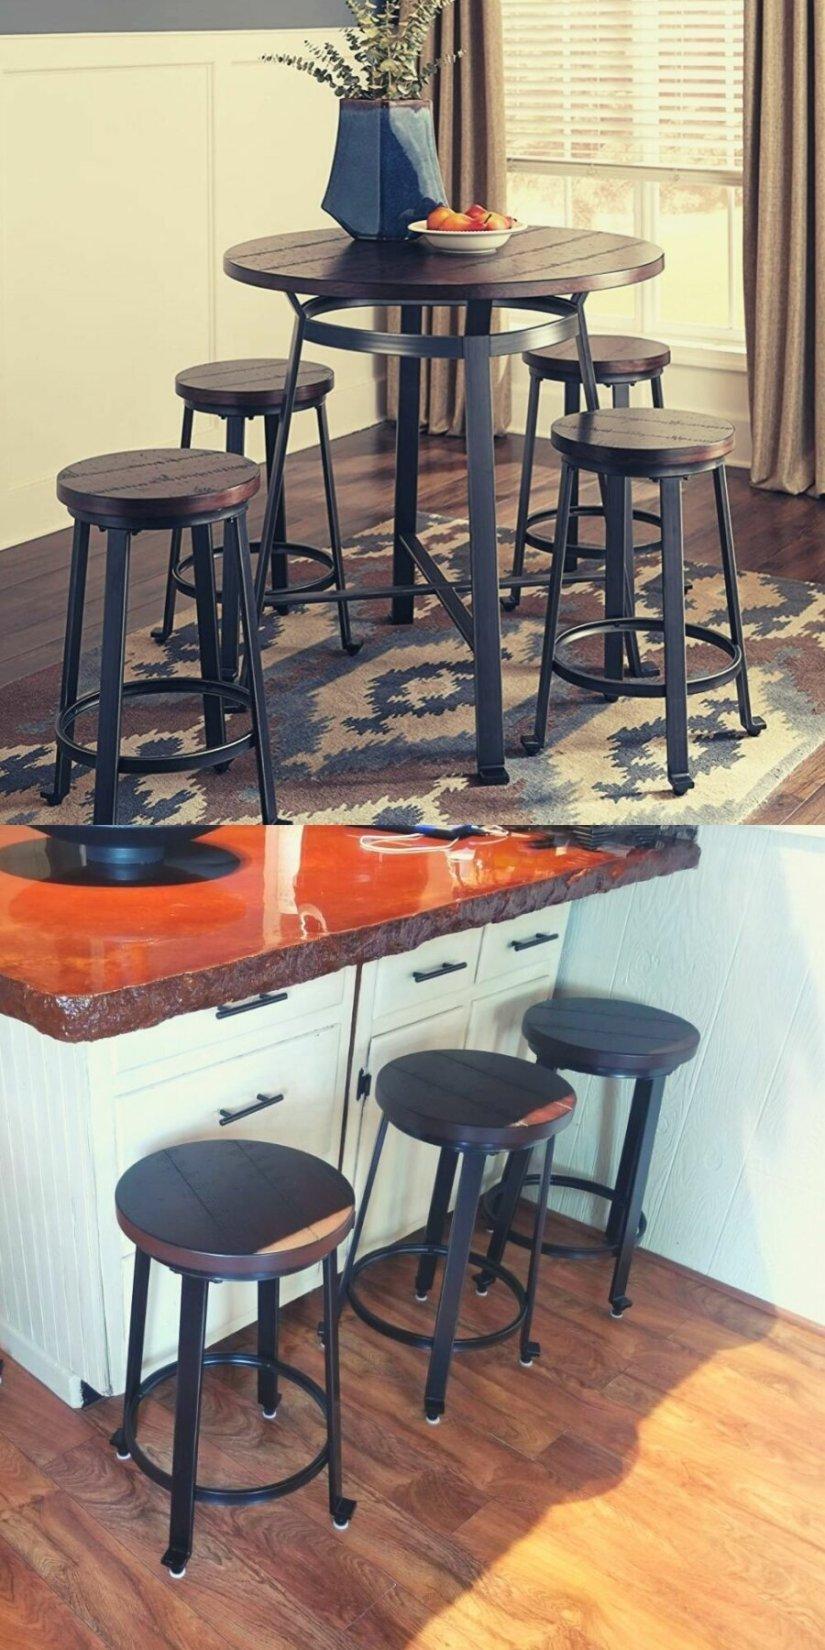 ashley furniture stools